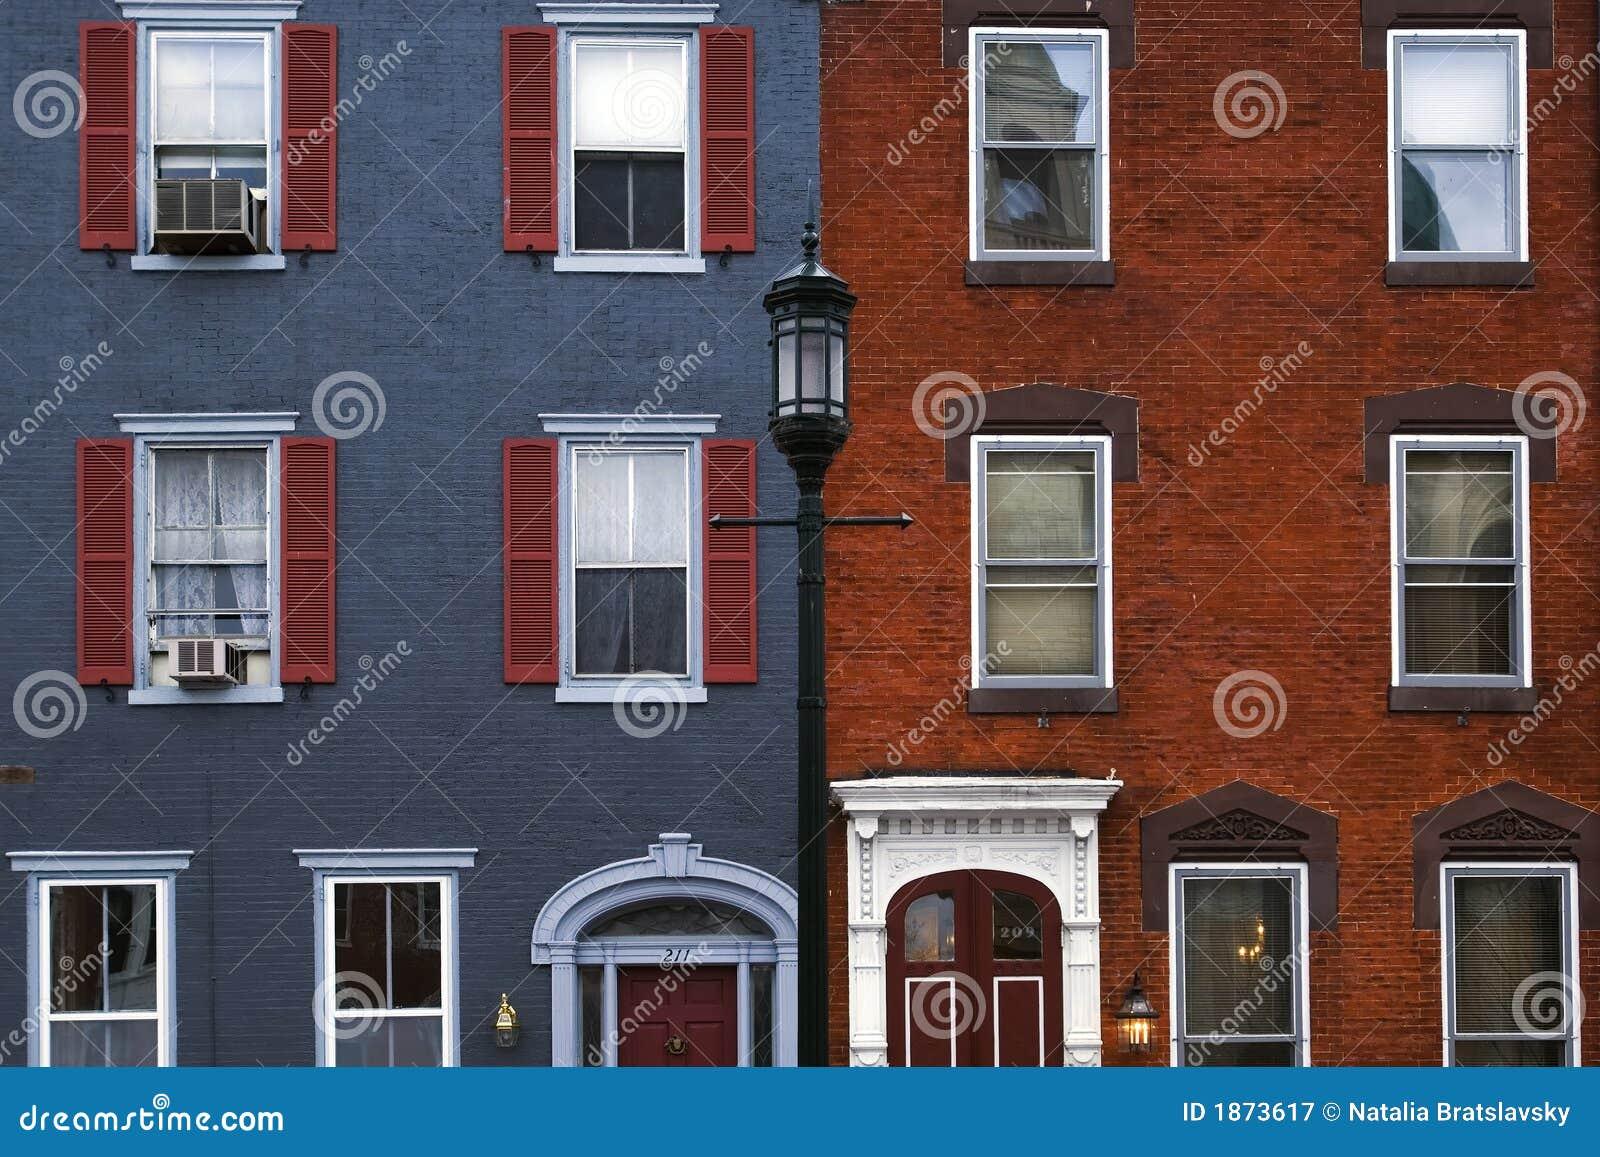 Philadelphia houses